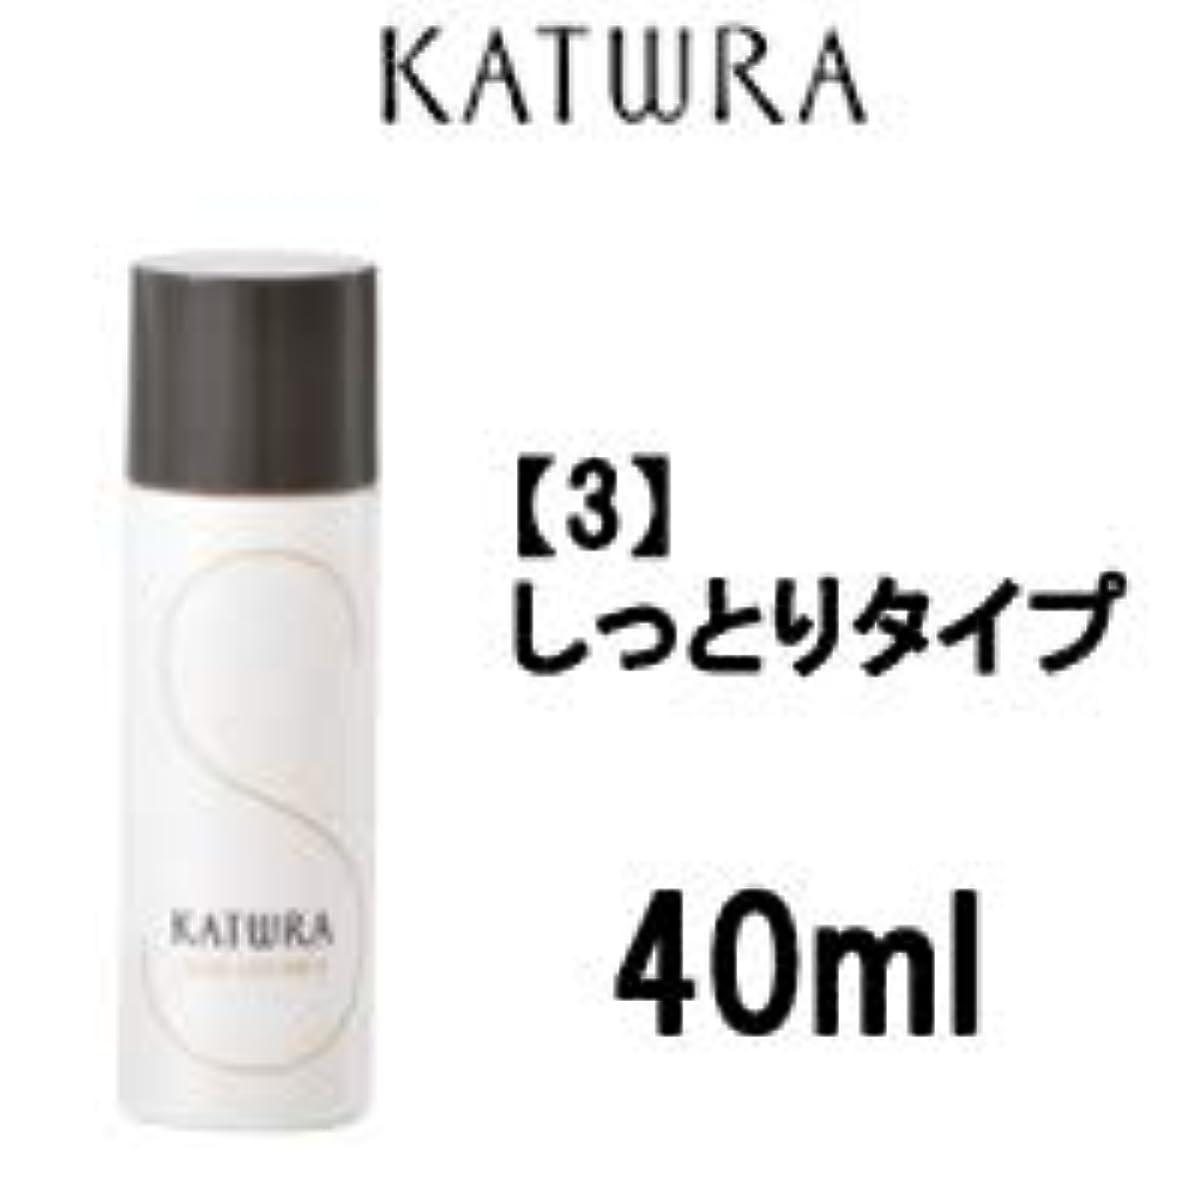 アーカイブトロピカル変位カツウラ化粧品 スキンローションA 40ml (3 しっとりタイプ)